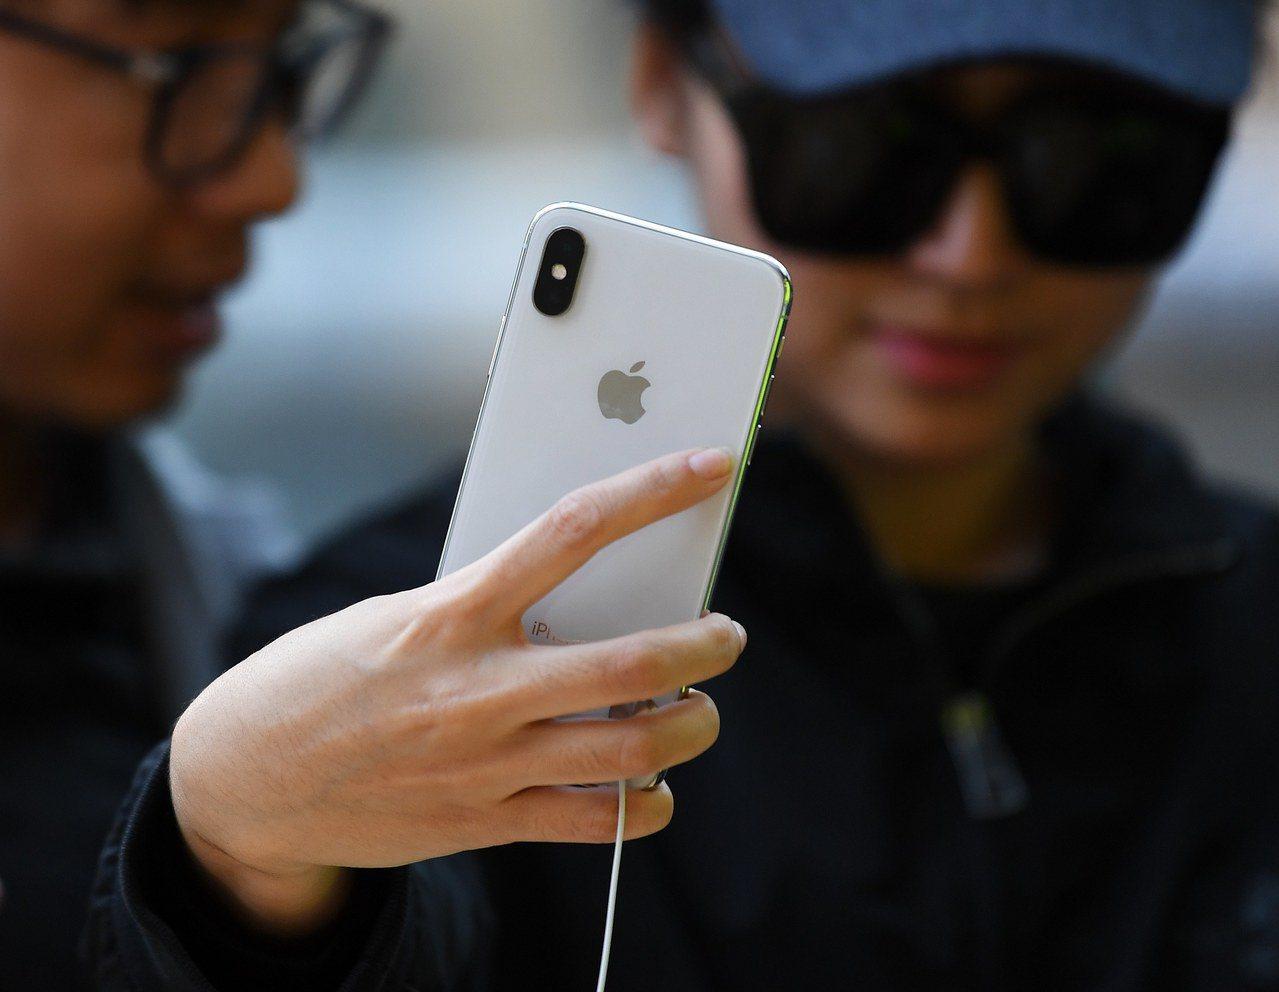 蘋果故意讓老舊iPhone速度變慢?蘋果說這是為了保護手機。 歐新社